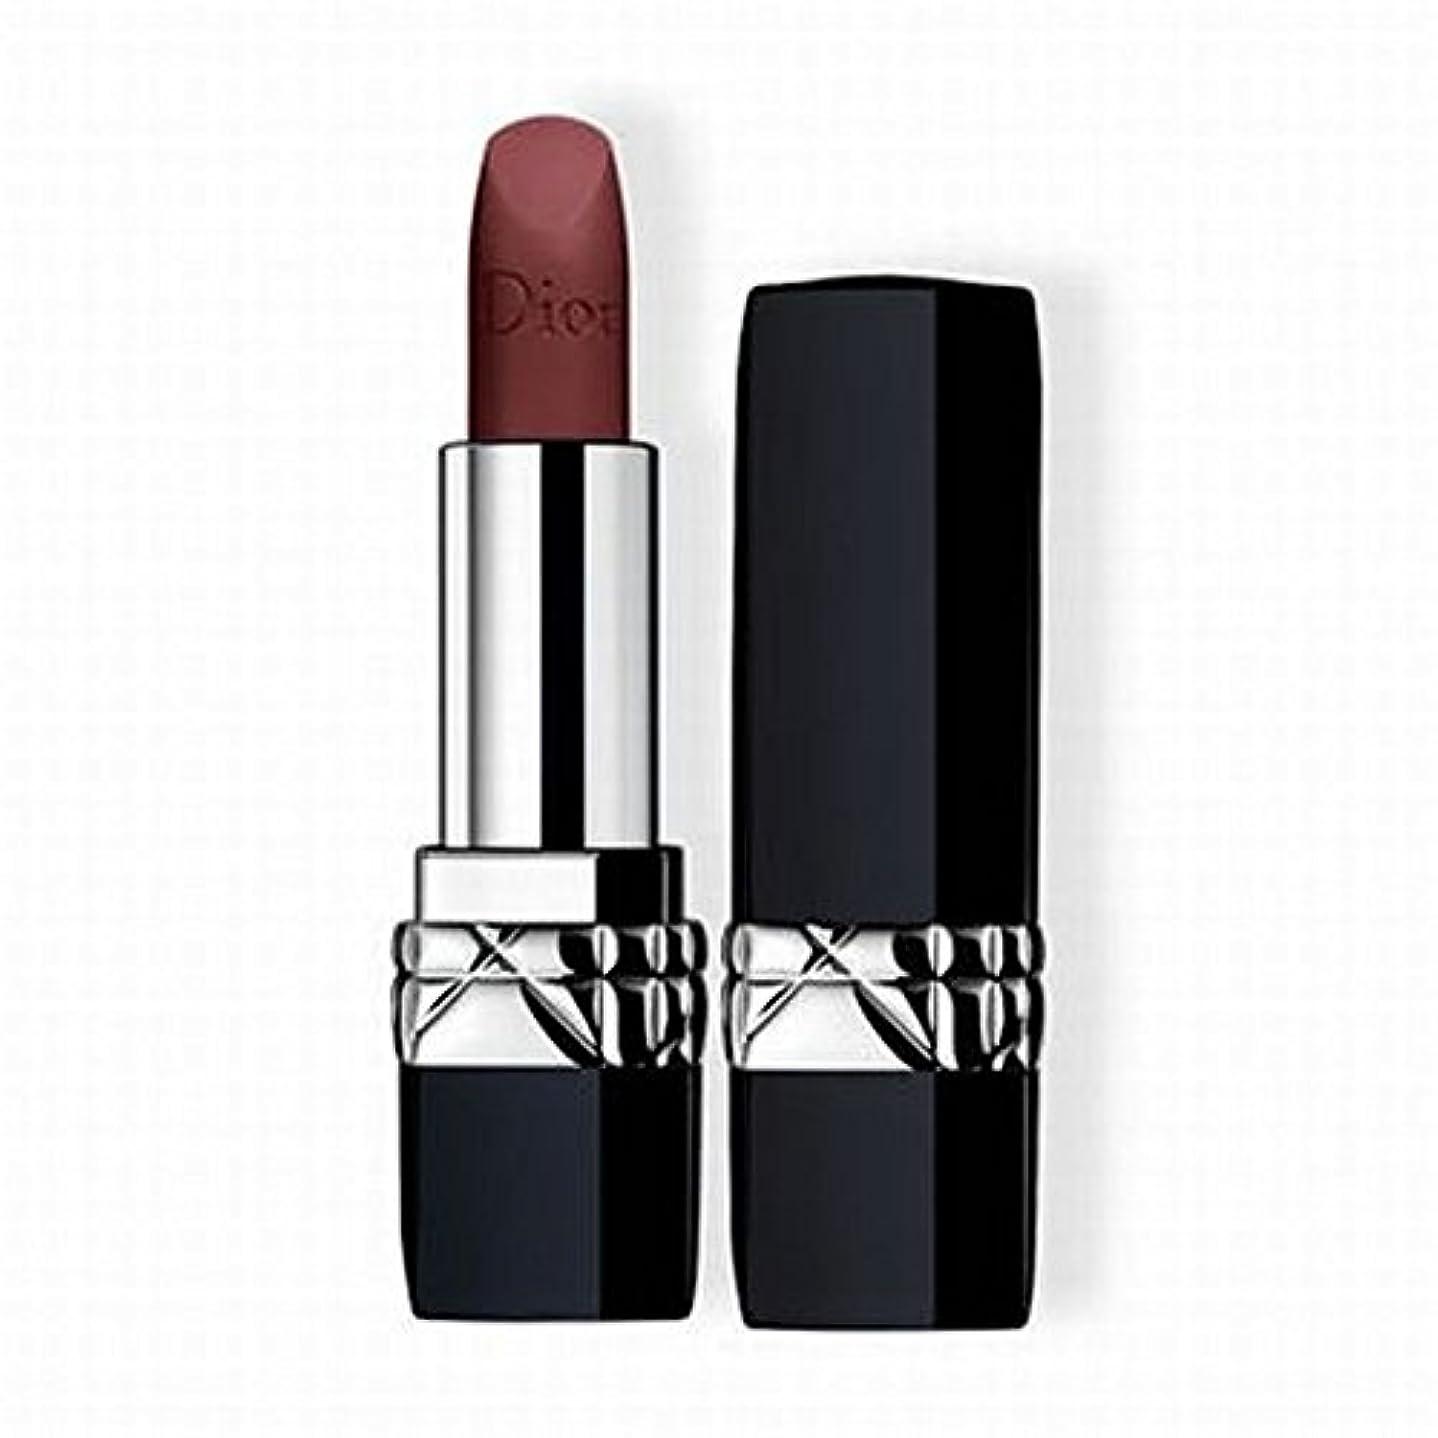 容量イベントまたねクリスチャンディオール Christian Dior ルージュ ディオール 3.5g 964 アンビシャスマット (在庫) [並行輸入品]